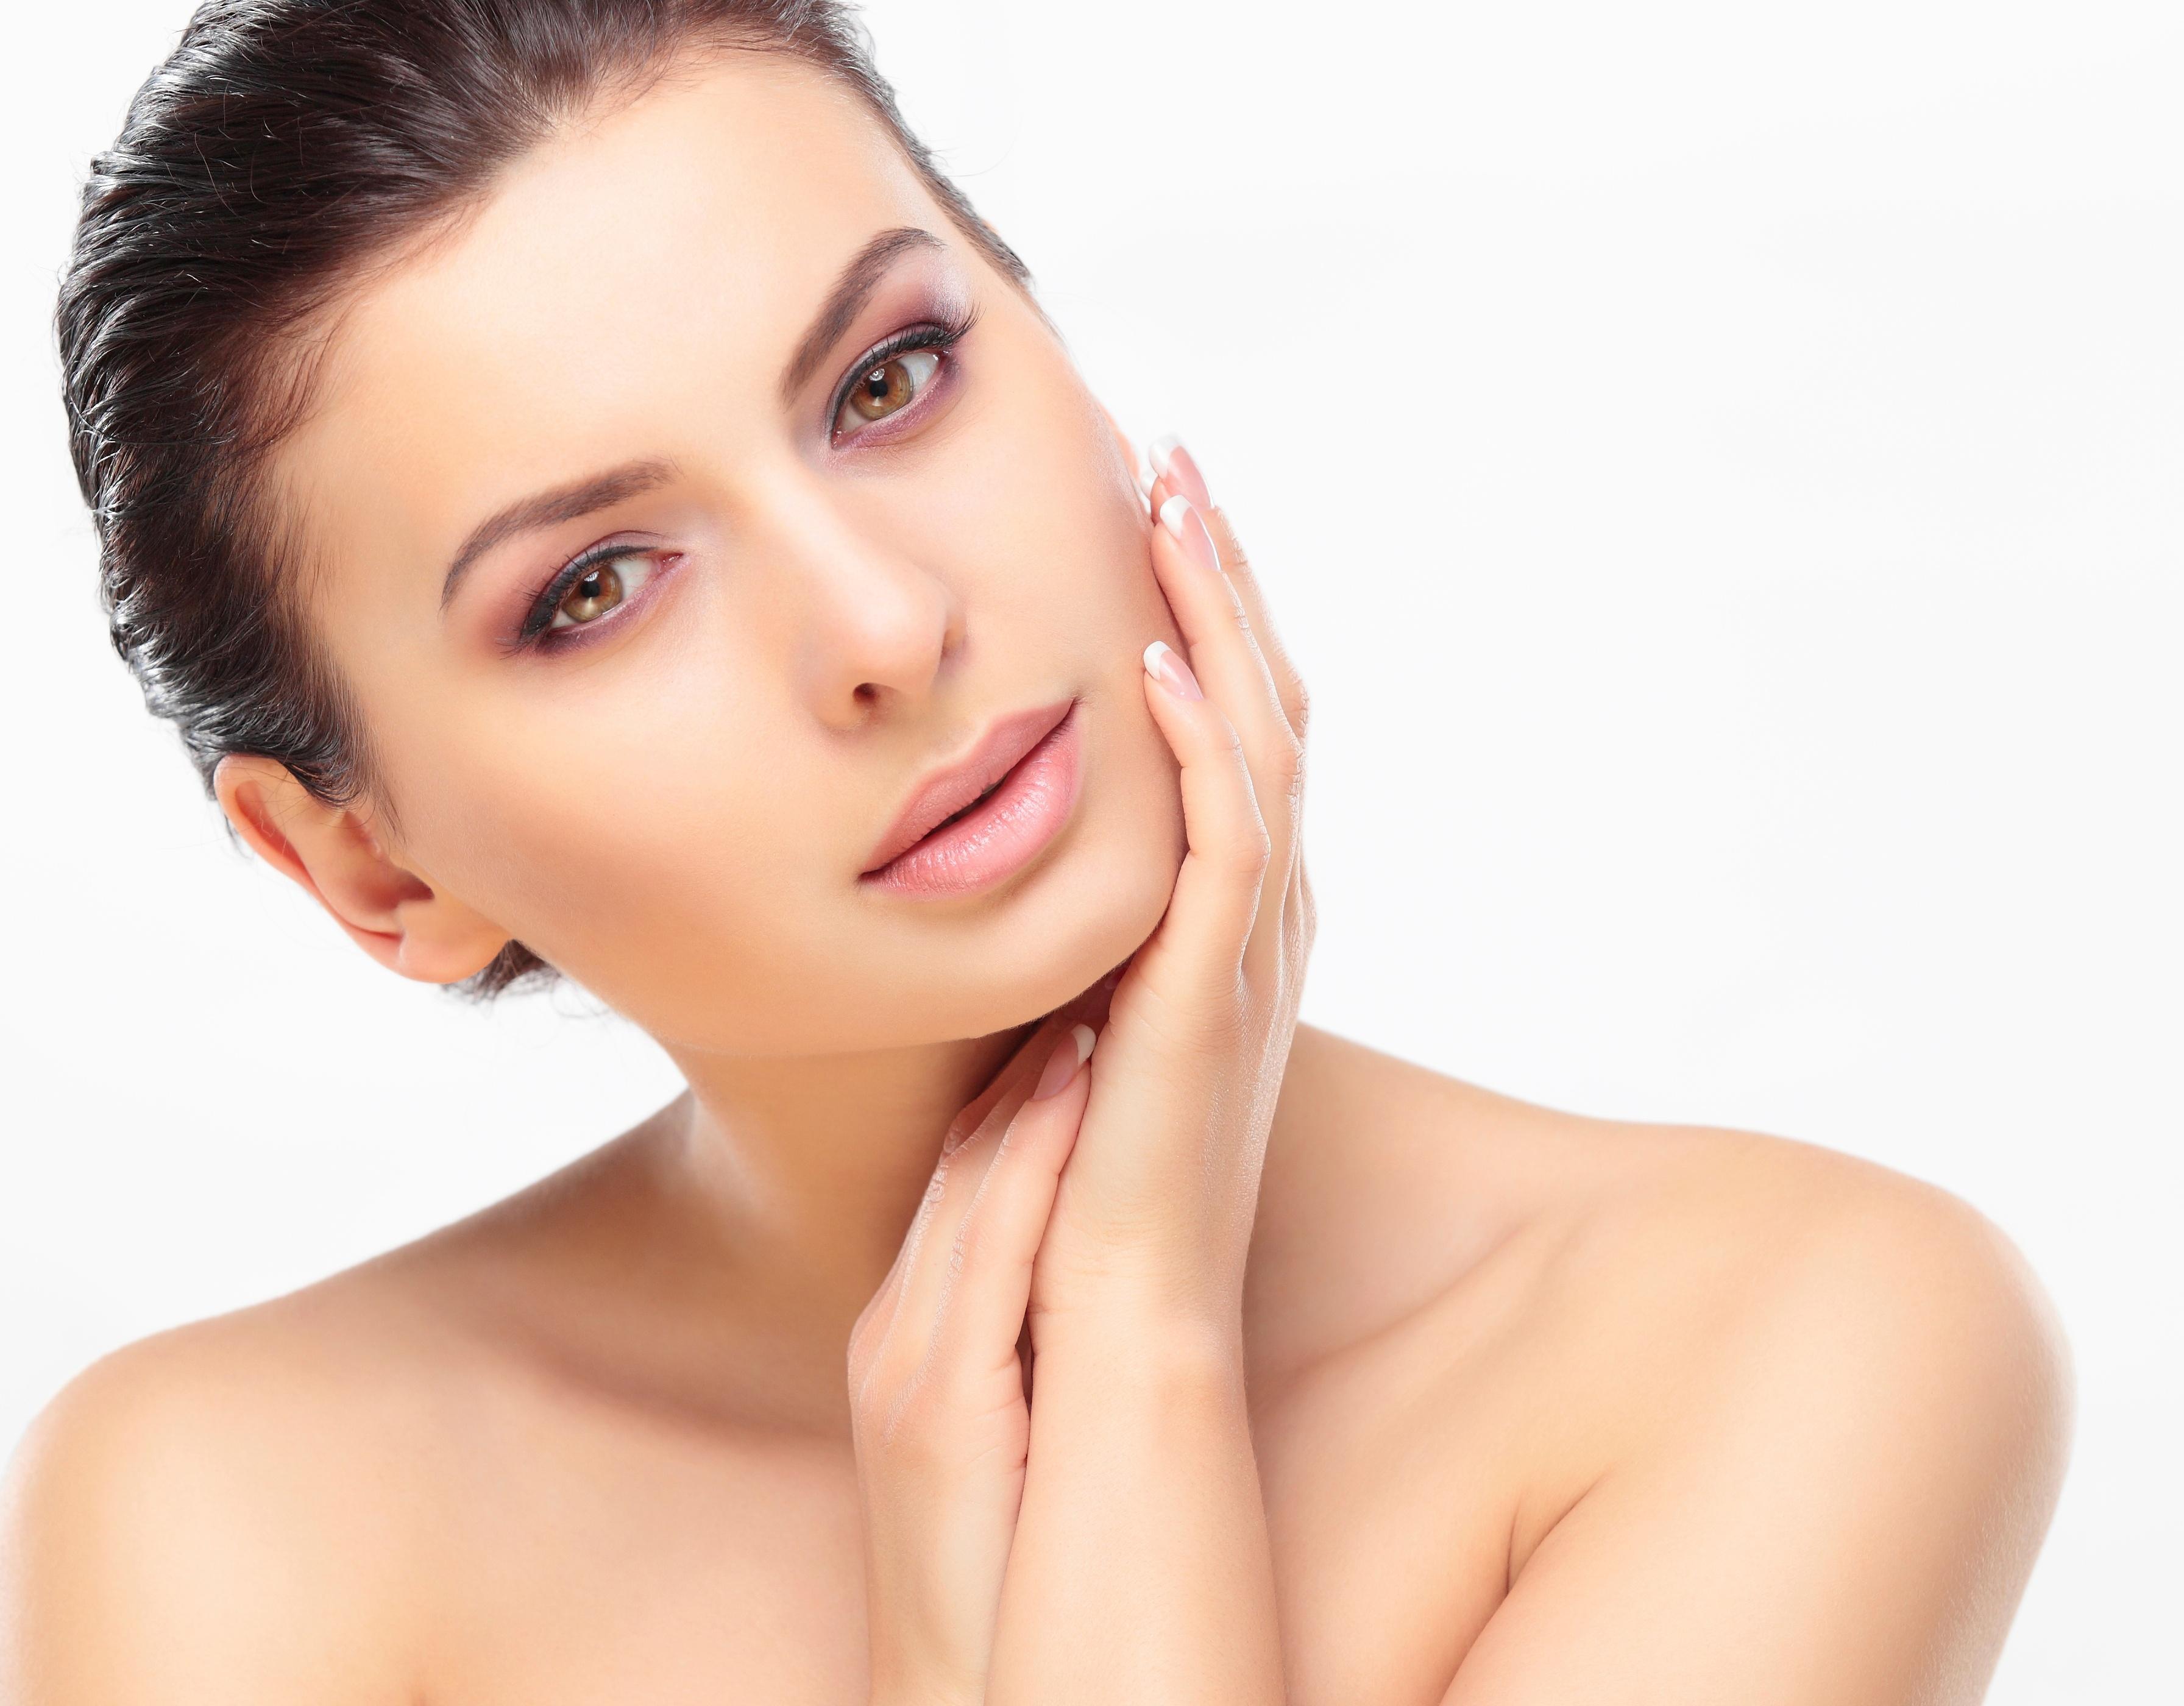 BeautyTrends Tipps für Makeup amp Frisuren  Styling